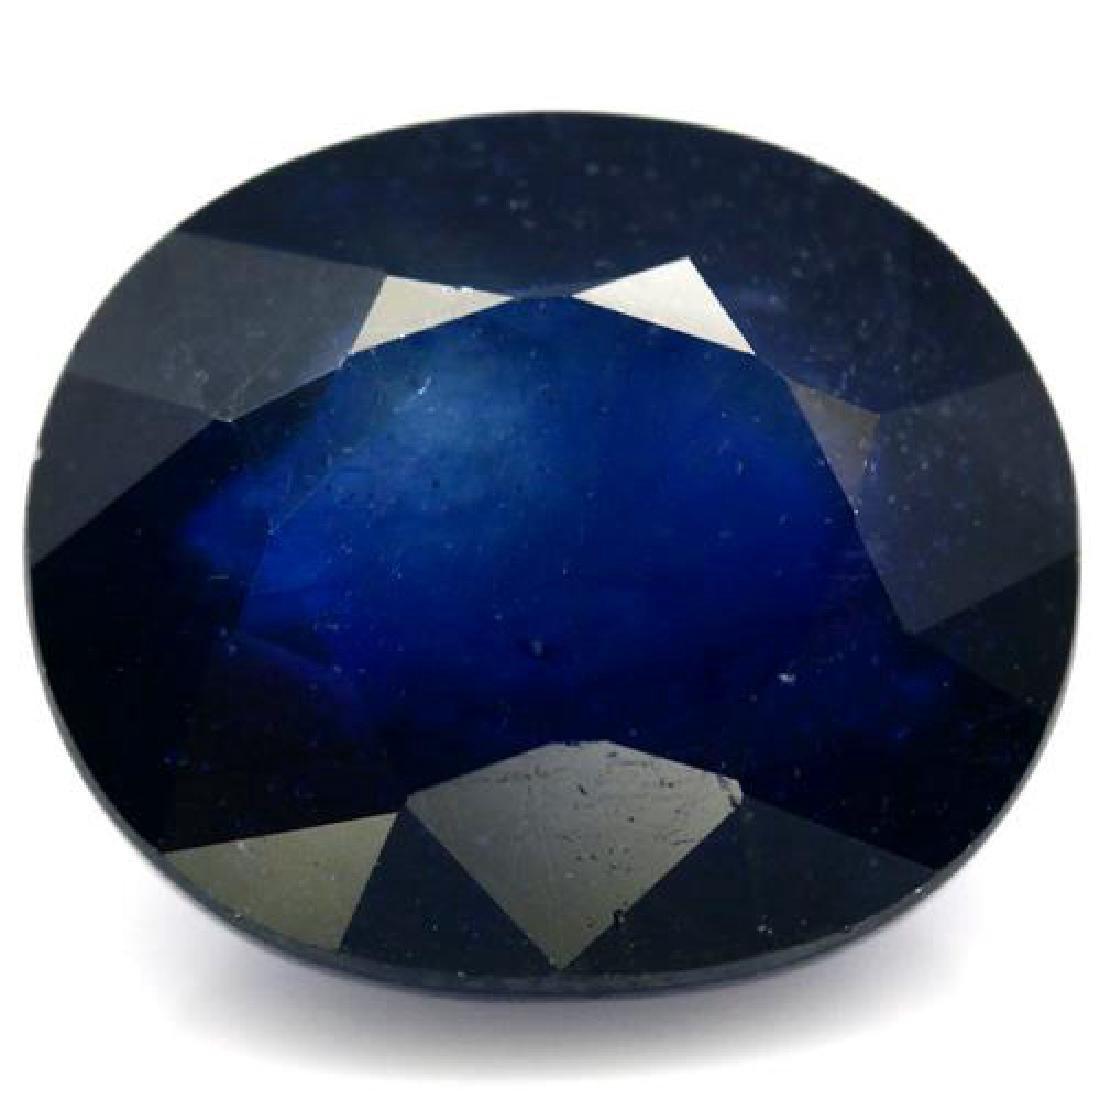 2.88 Carat Composite Loose Sapphire